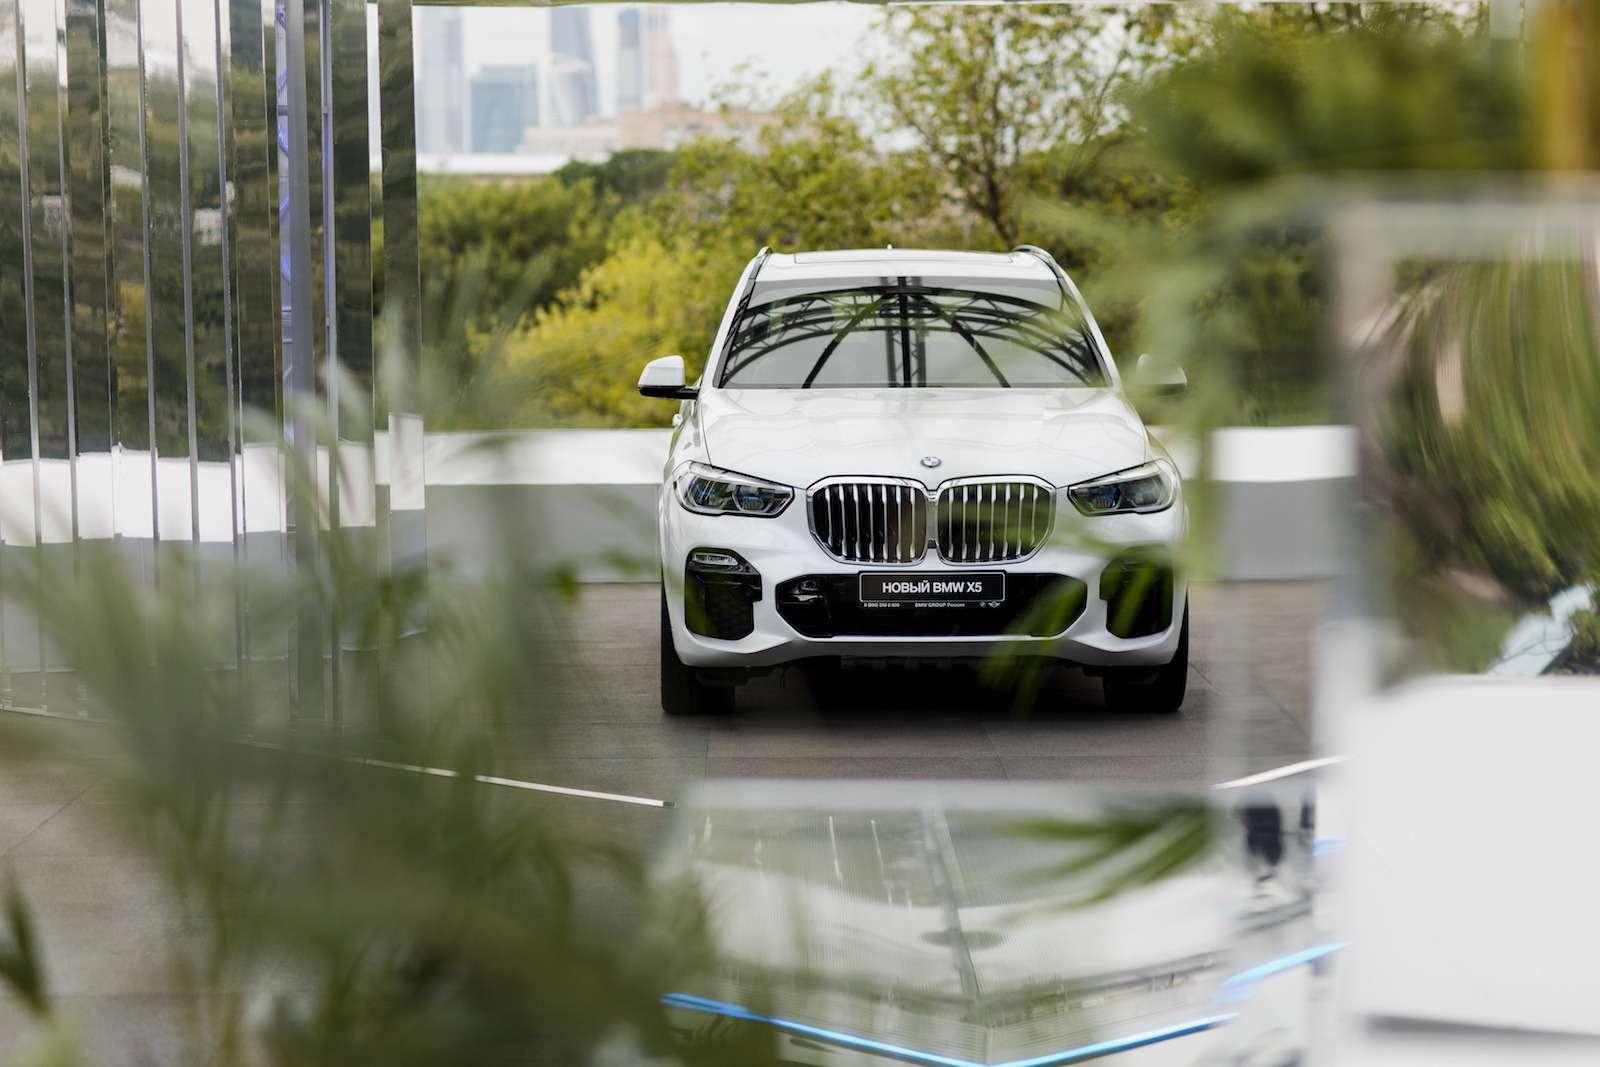 Абсолютно новый BMW X5всплыл вМоскве. Задолго доофициальной премьеры!— фото 889830